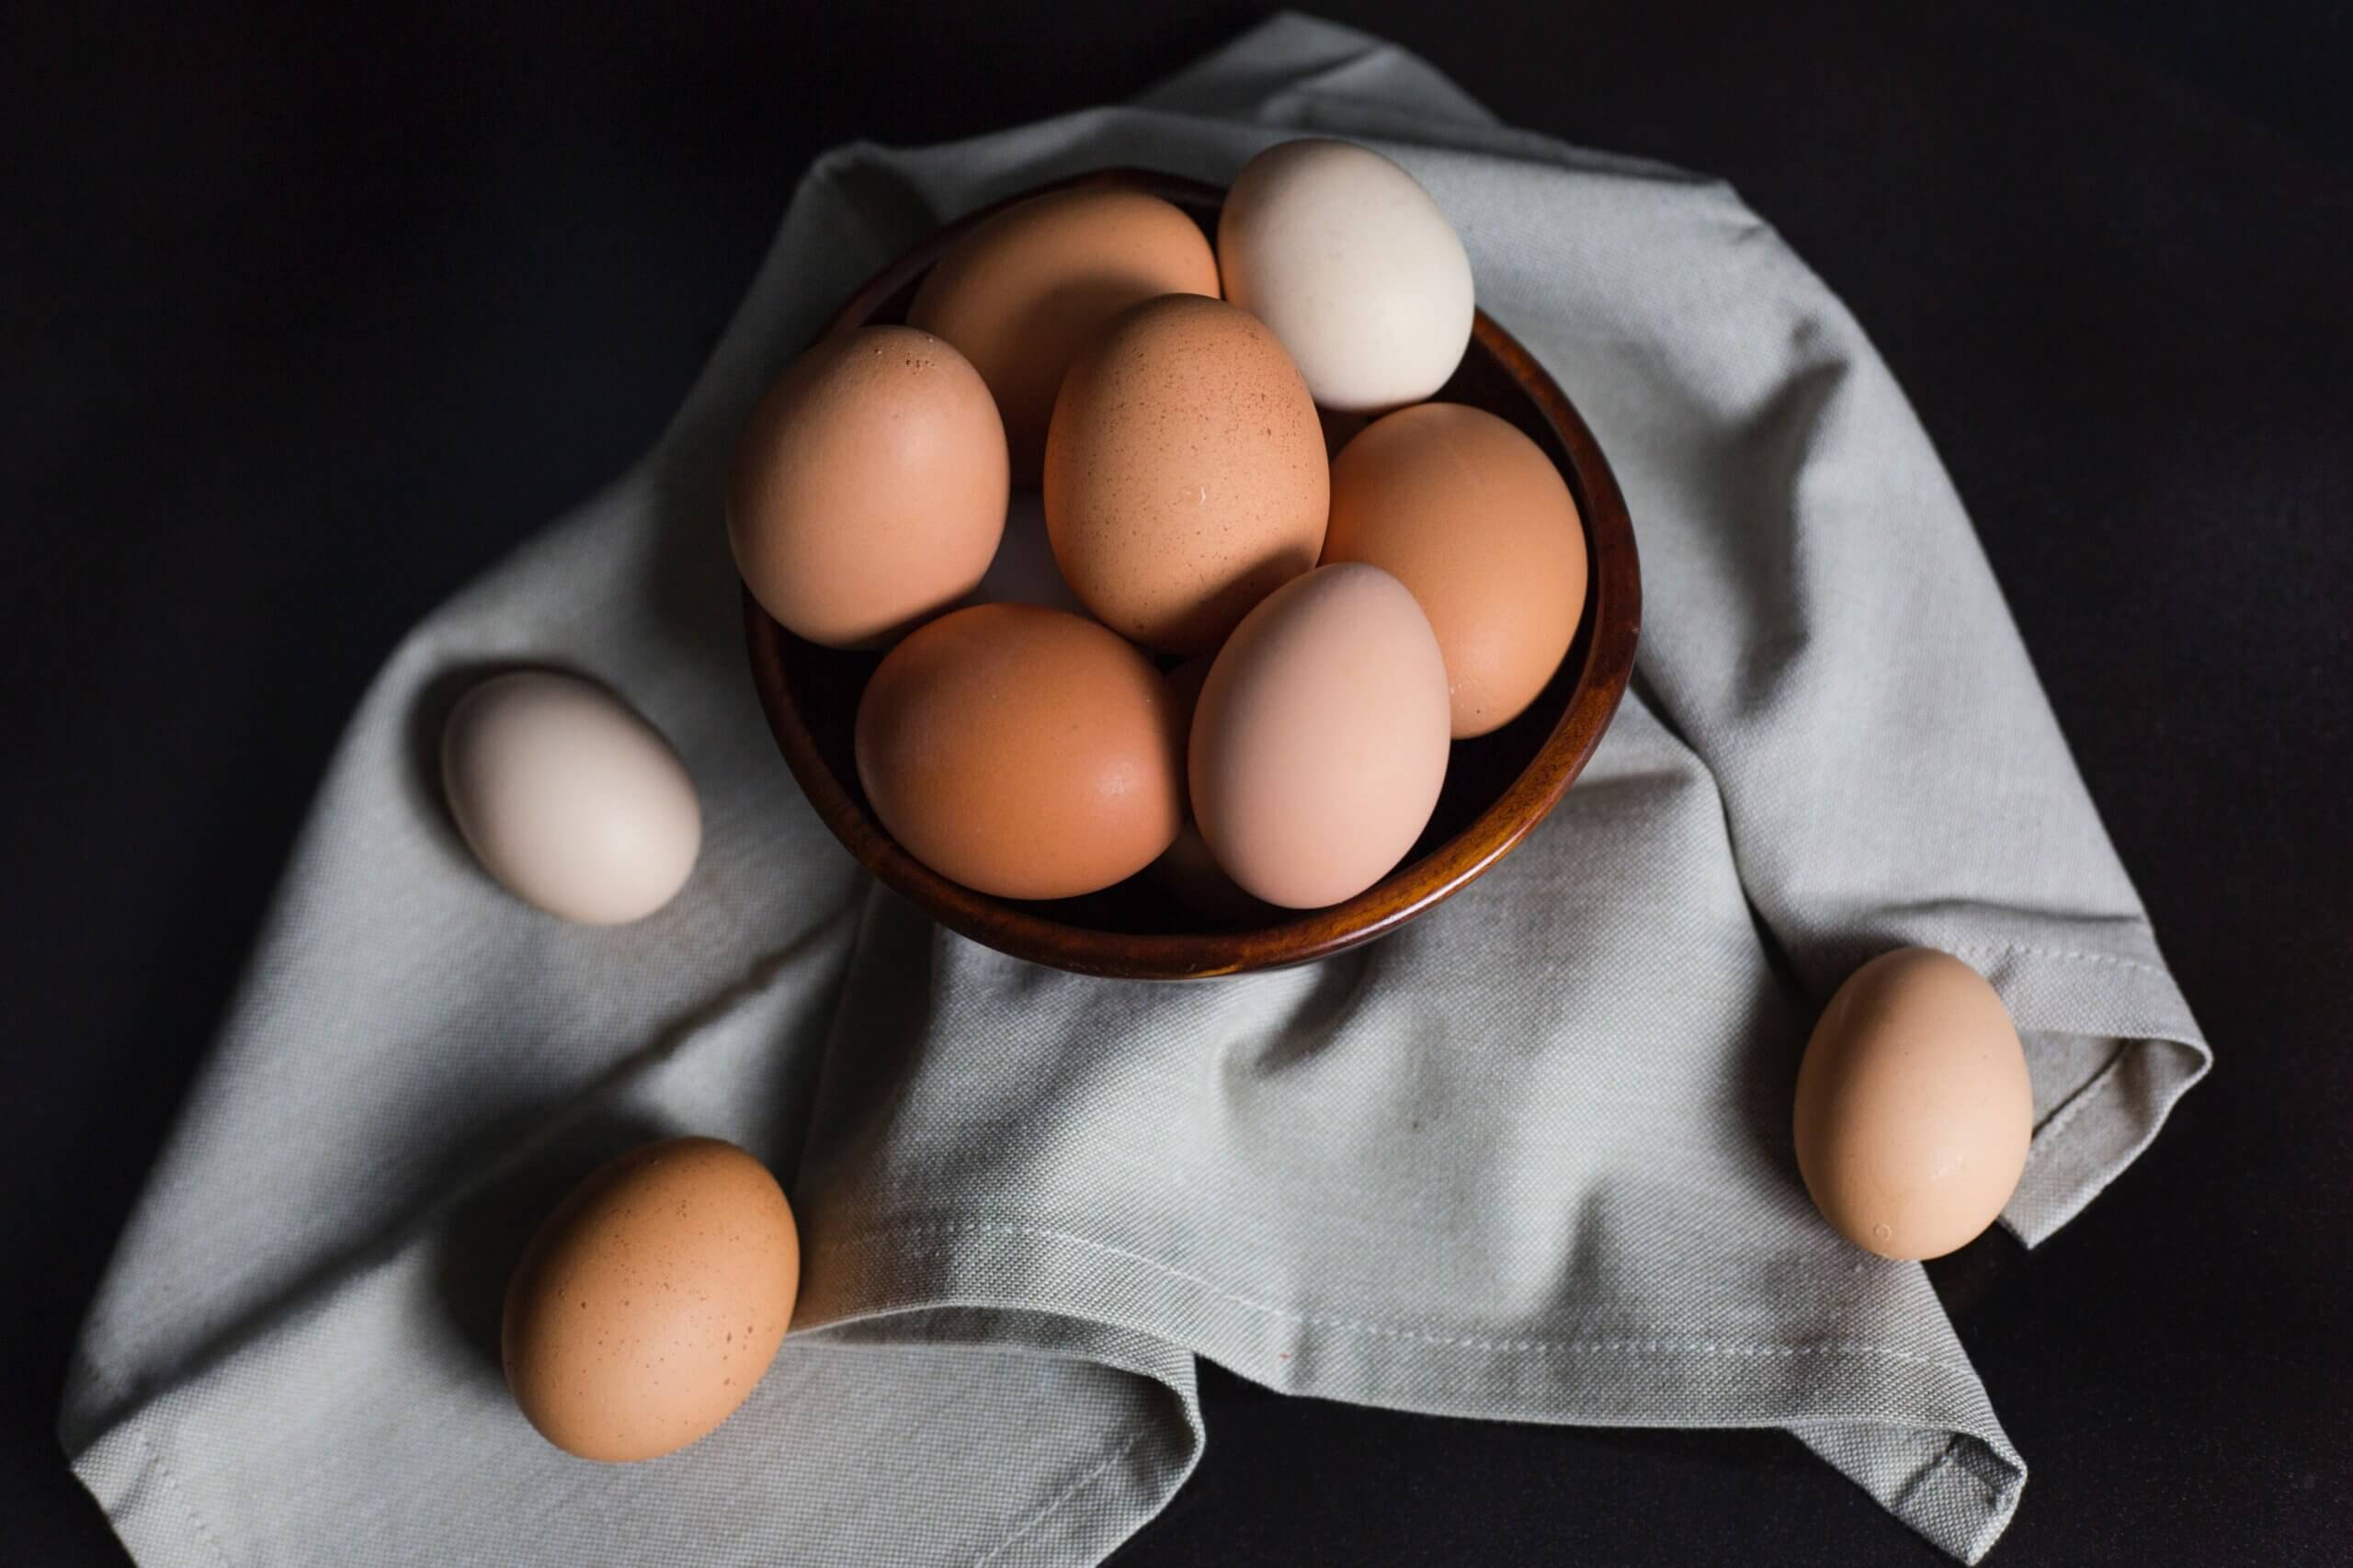 Как выбирать куриные яйца: виды, маркировка, отличия по цвету скорлупы и другая полезная информация